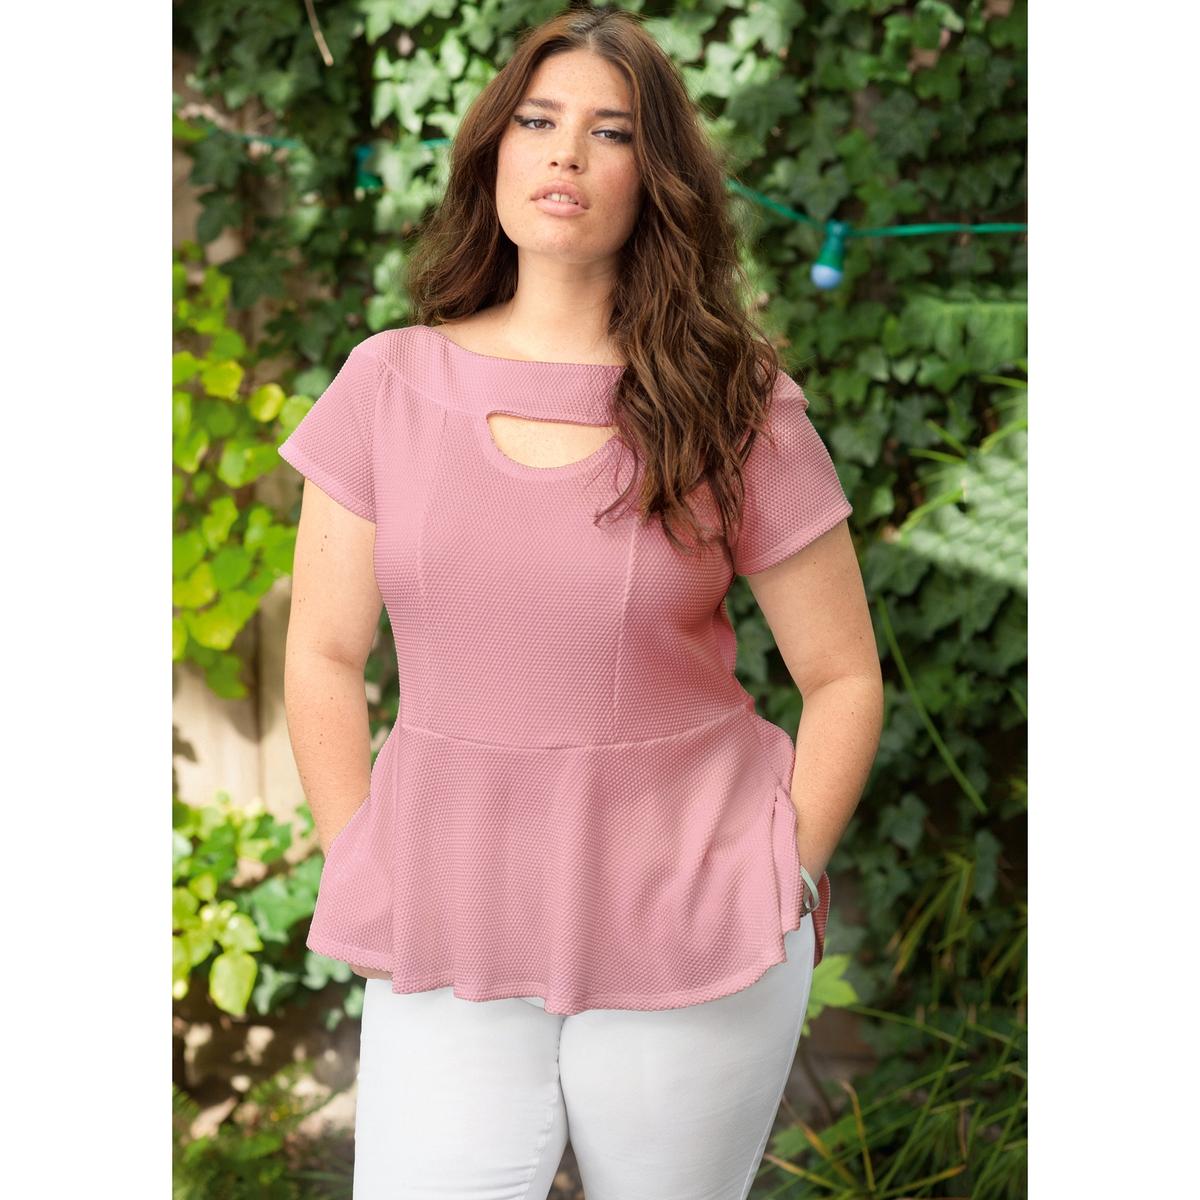 Футболка с баскойФутболка . Открытые плечи и баска придают этому топу женственности! Короткие рукава. Из рельефного трикотажа, 60% полиэстера, 37% хлопка, 3% эластана. Длина ок.66 см .<br><br>Цвет: розовый<br>Размер: 54/56 (FR) - 60/62 (RUS).46/48 (FR) - 52/54 (RUS)